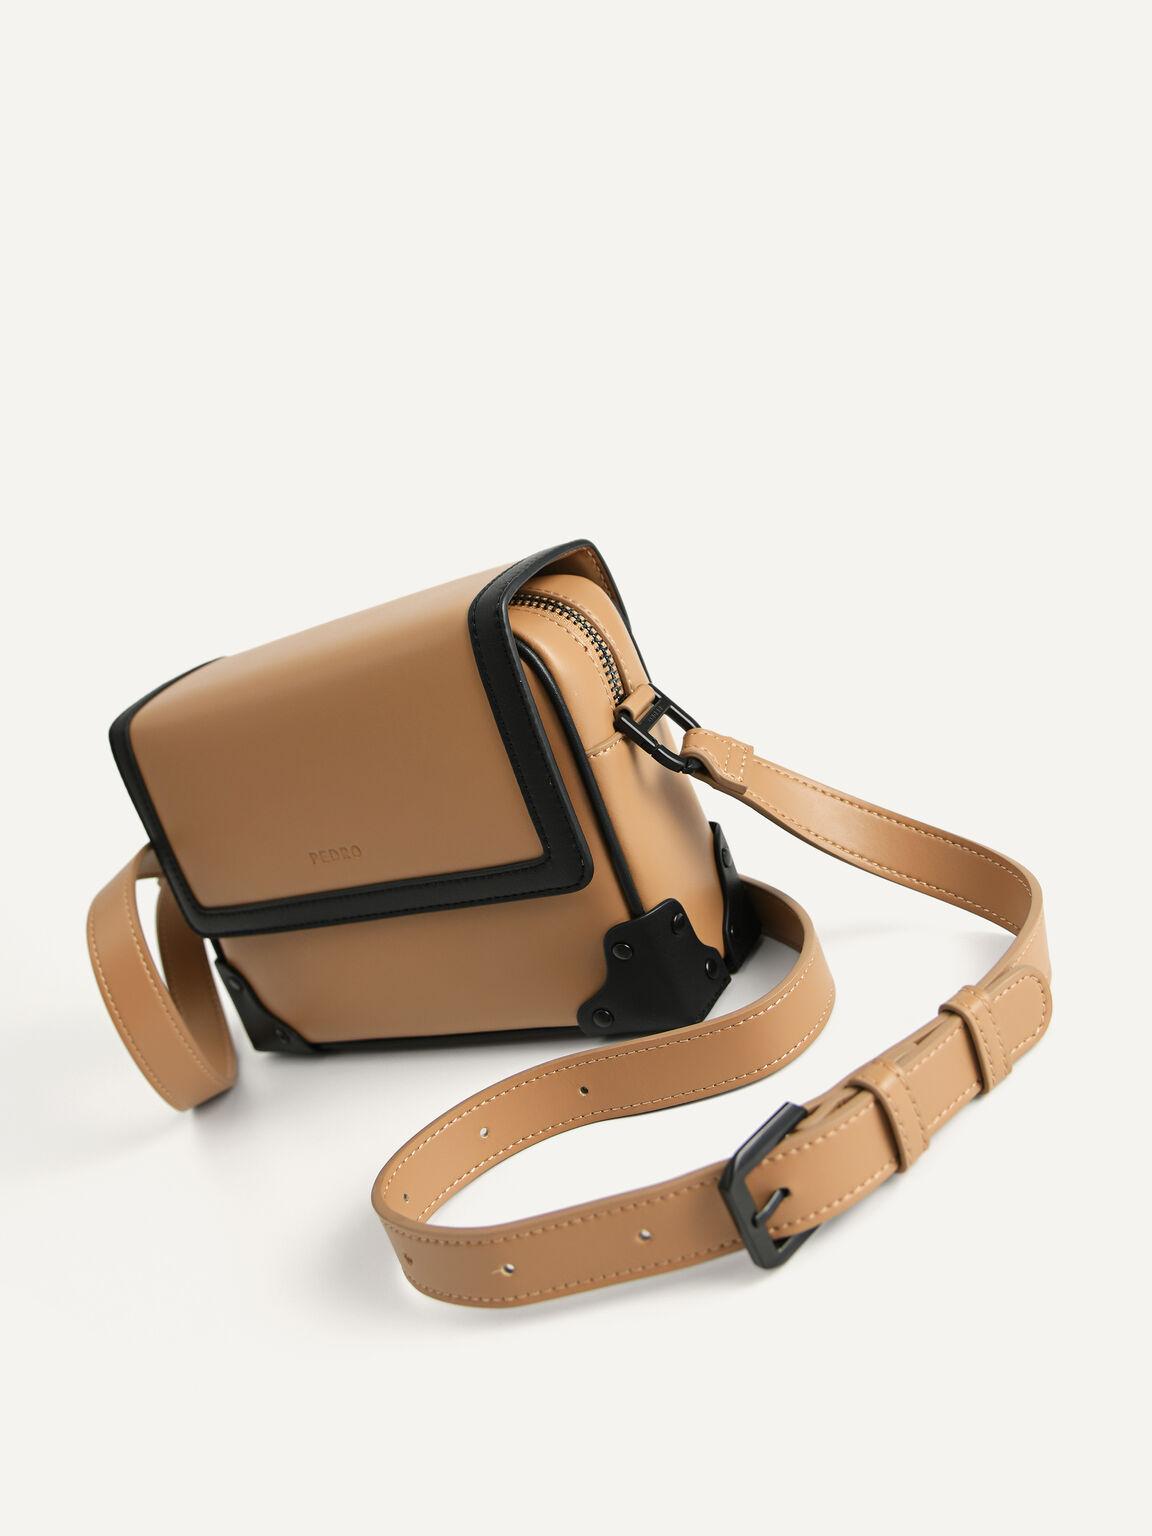 Boxy Sling Bag, Sand, hi-res